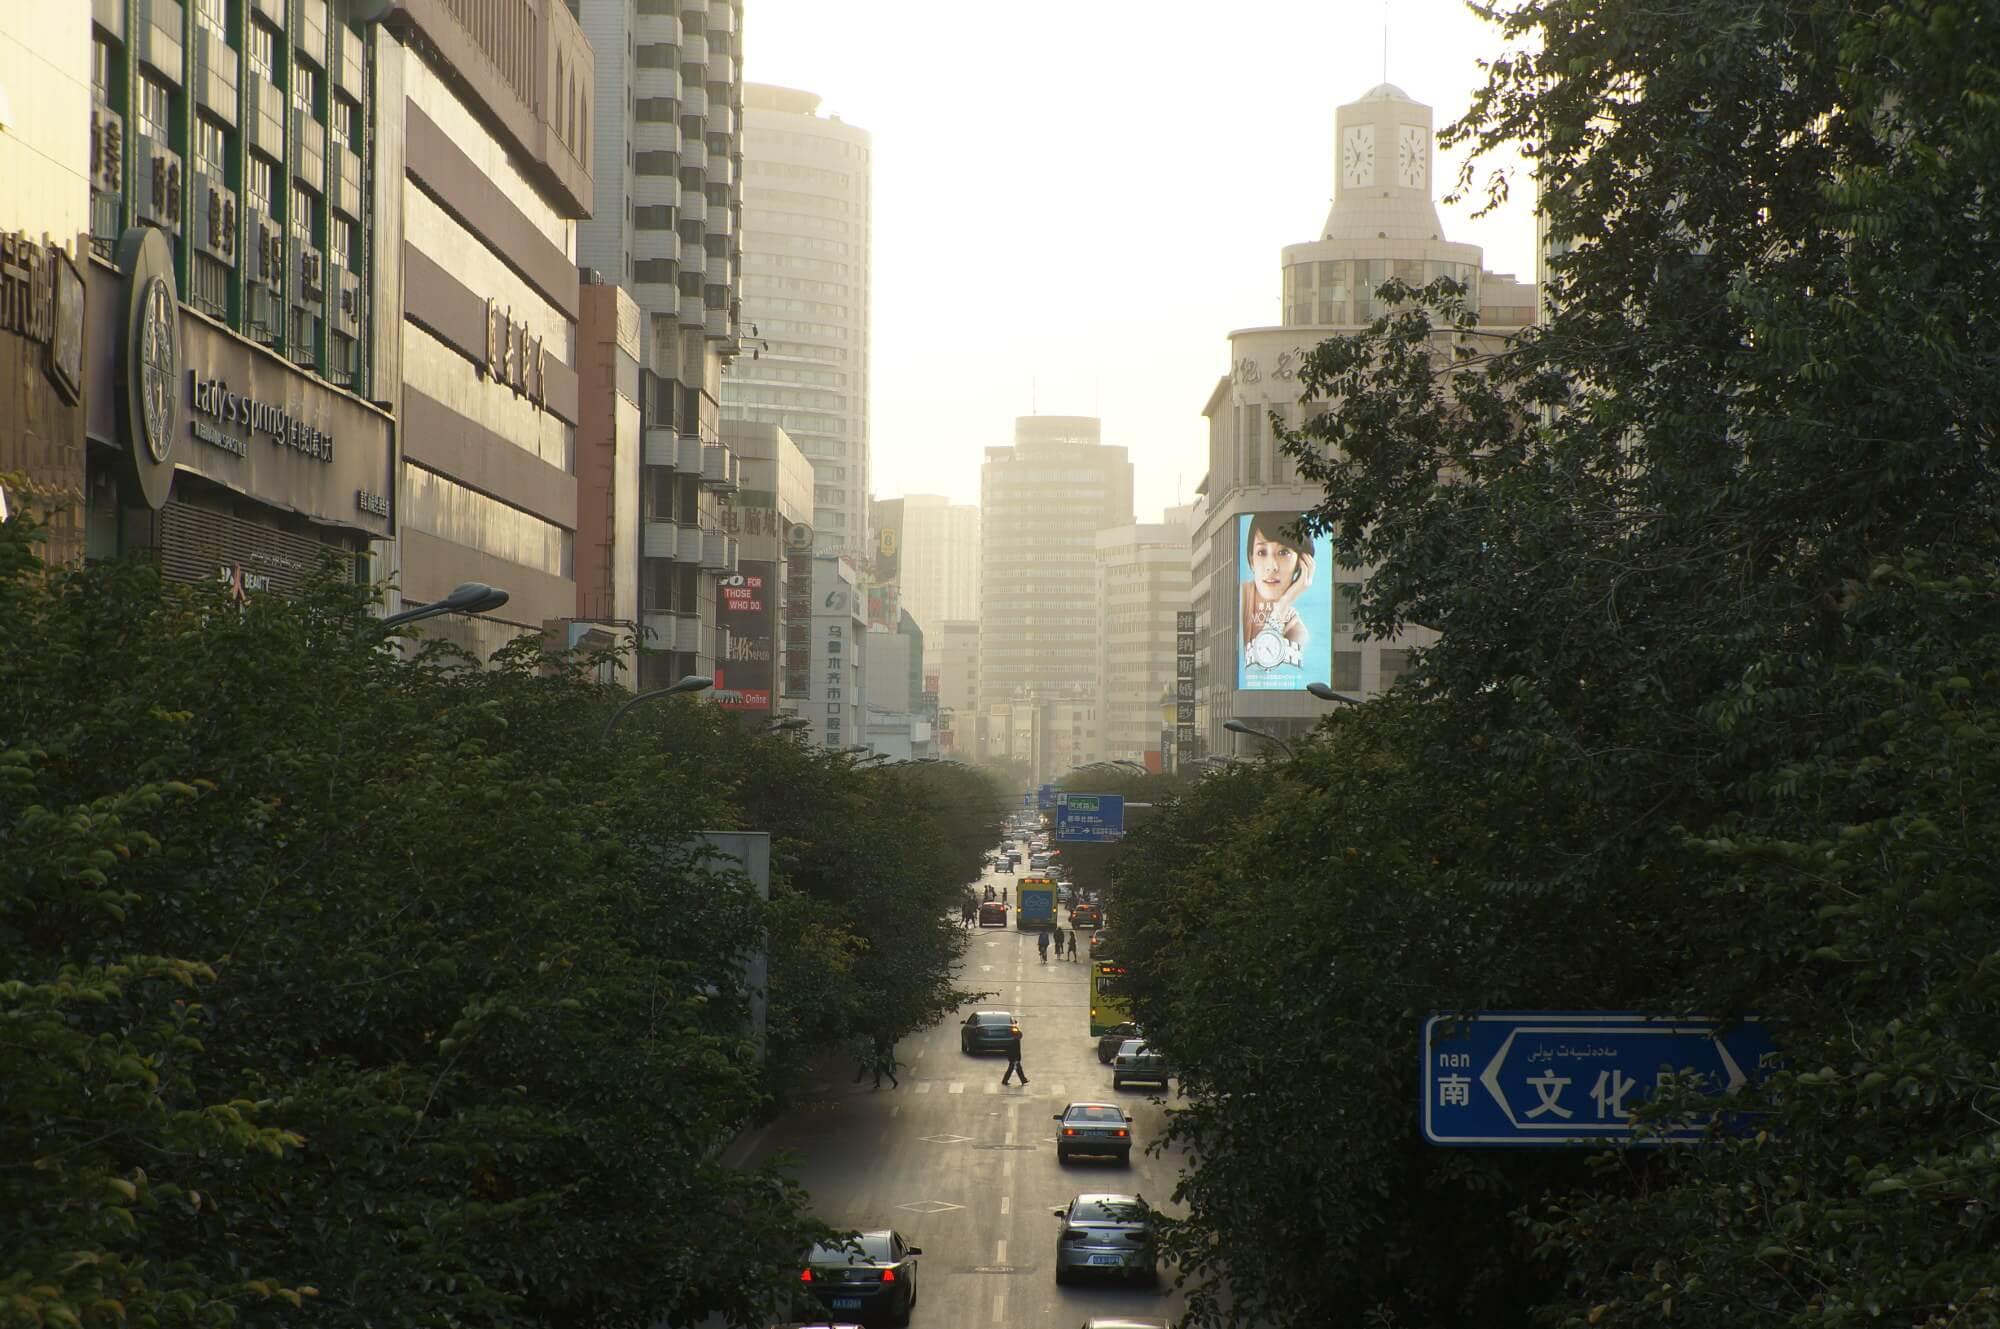 ... wielkim miastem (Urumqi)...